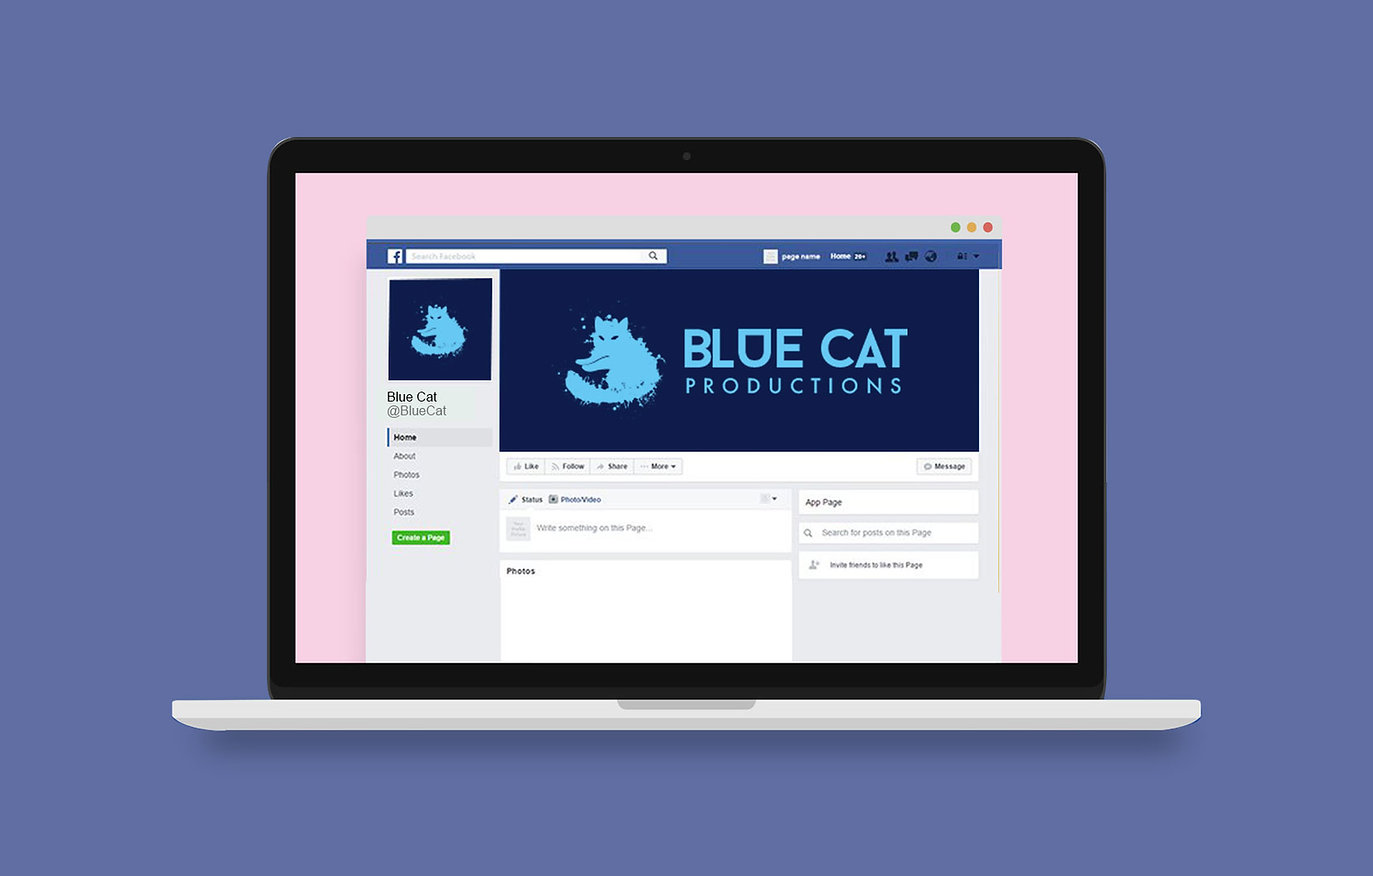 bluecat-social.jpg